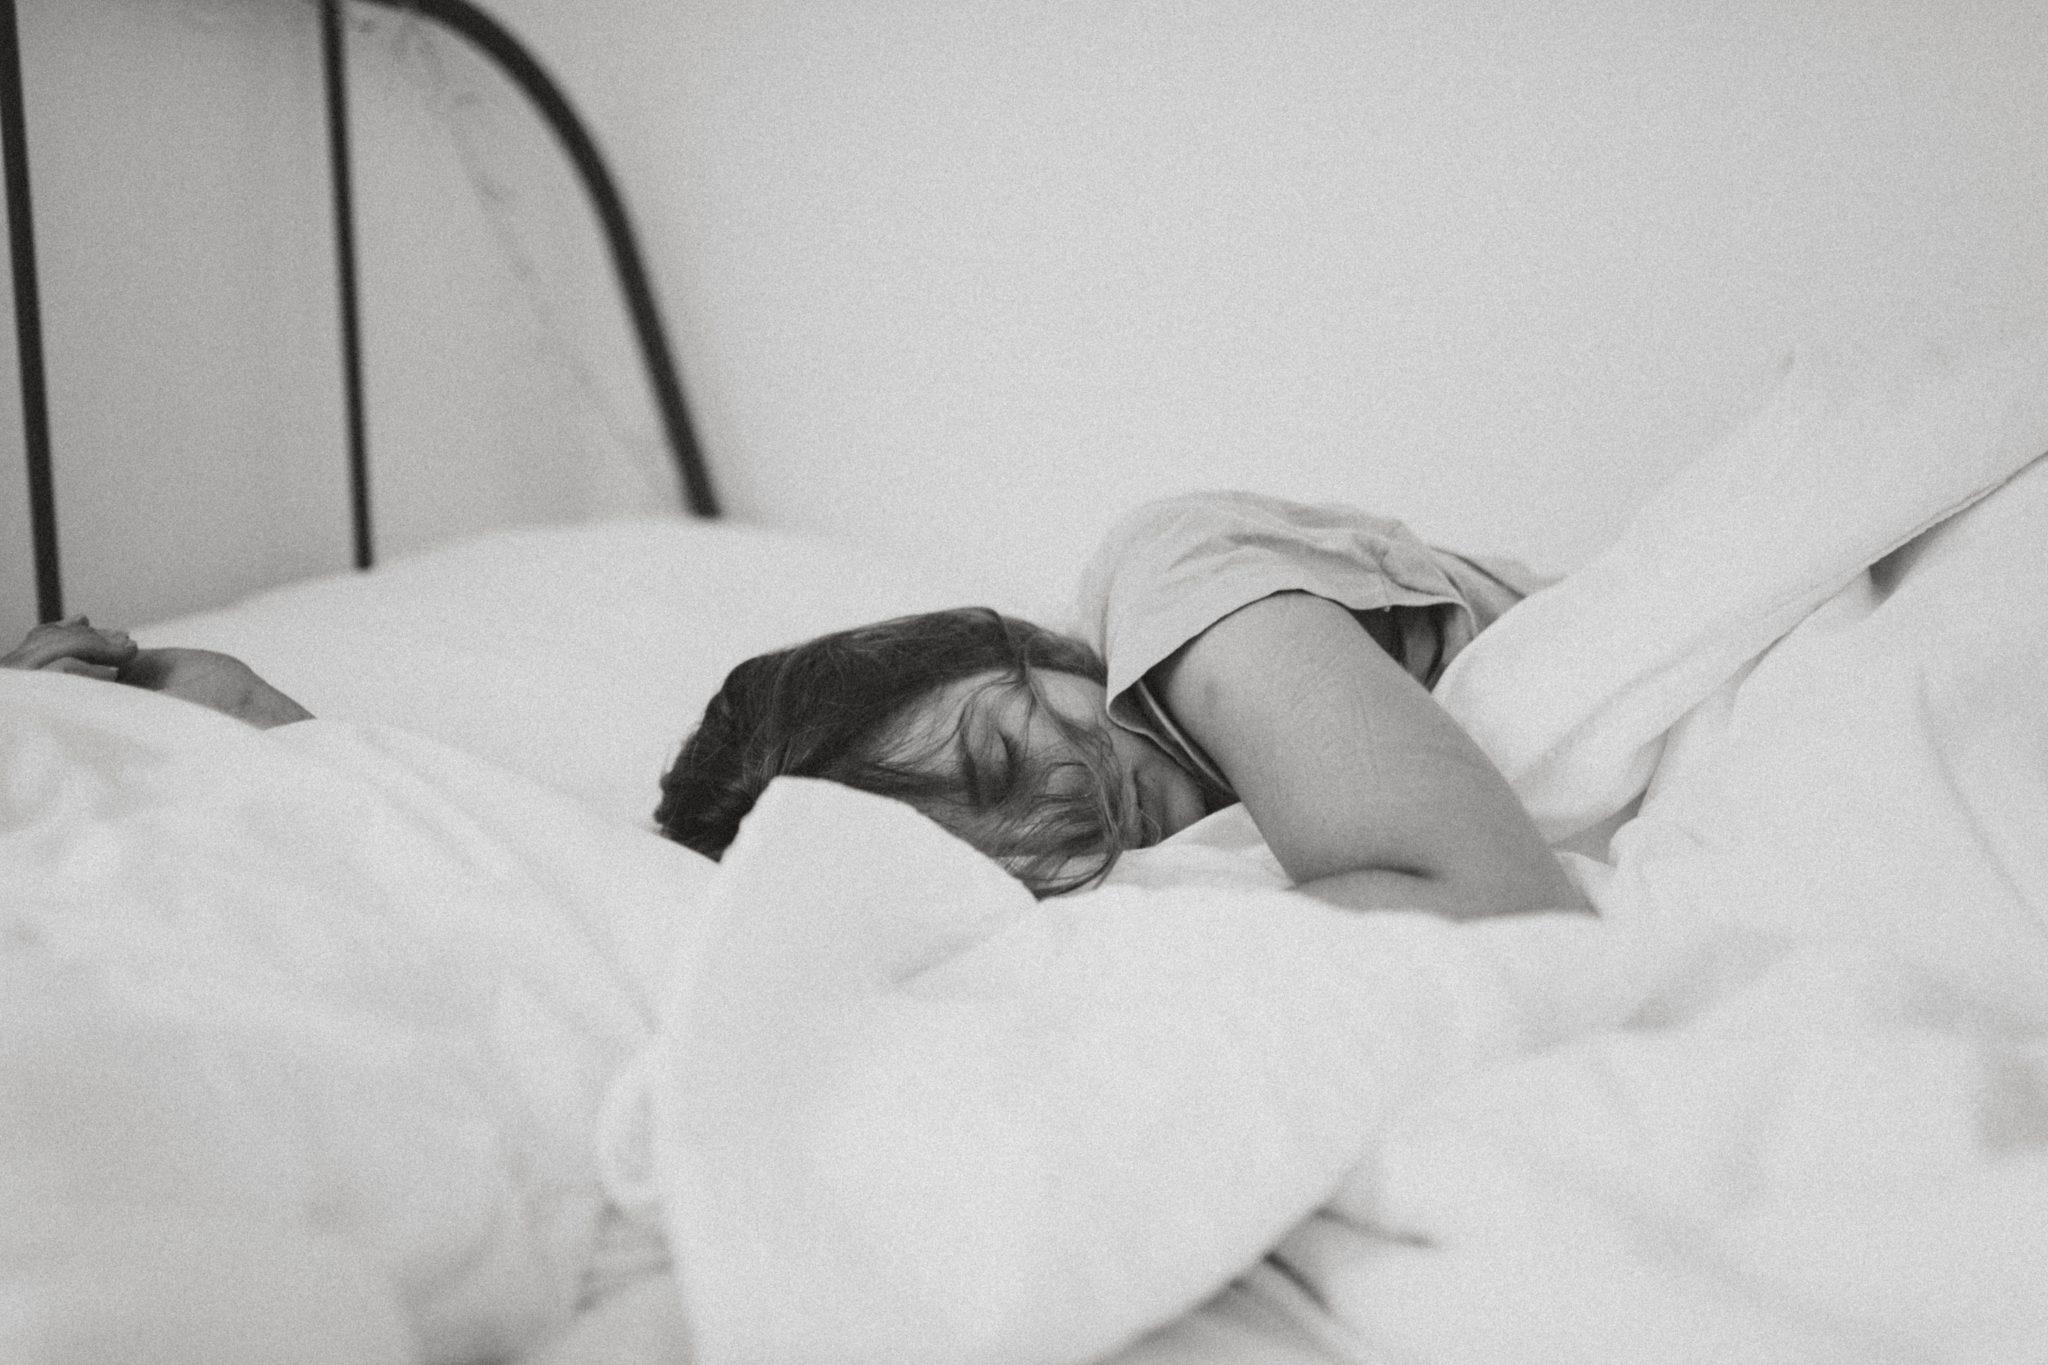 Sleep & Mental Health – Guest Post From Megan Hemming